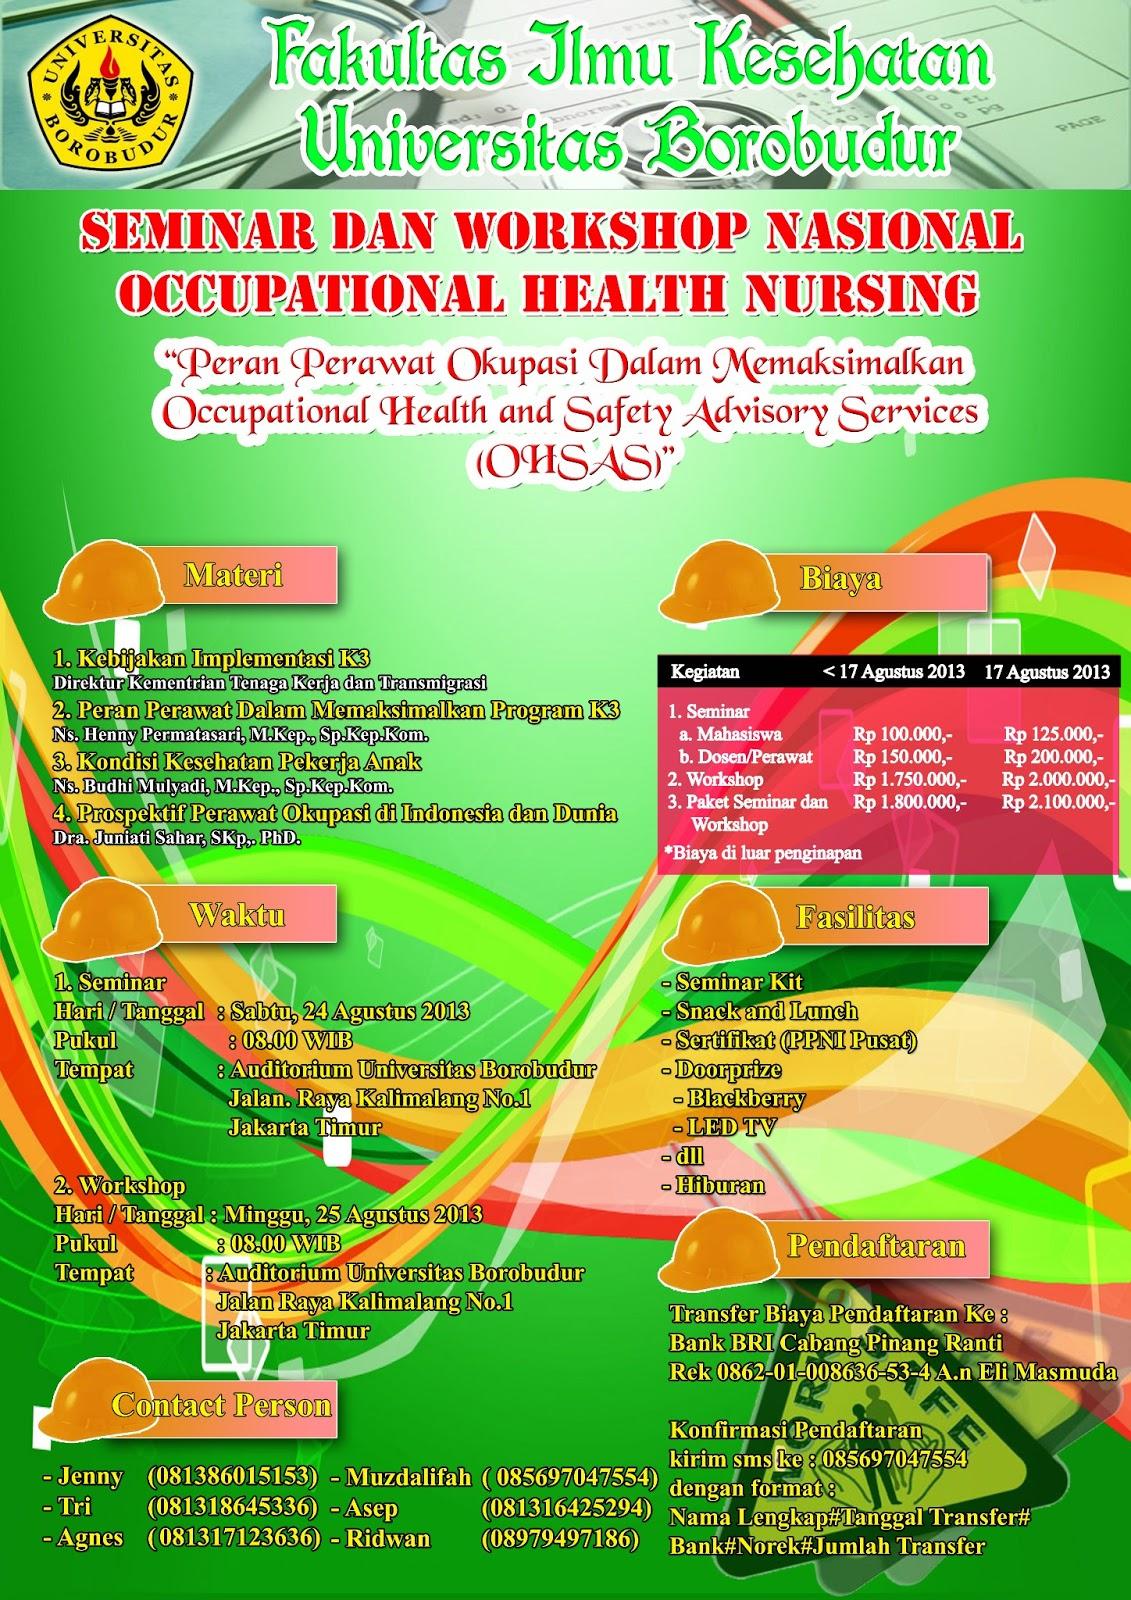 Seminar dan Workshop Nasional Occupational Health Nursing Fakultas Ilmu Kesehatan Universitas Borobudur 2013